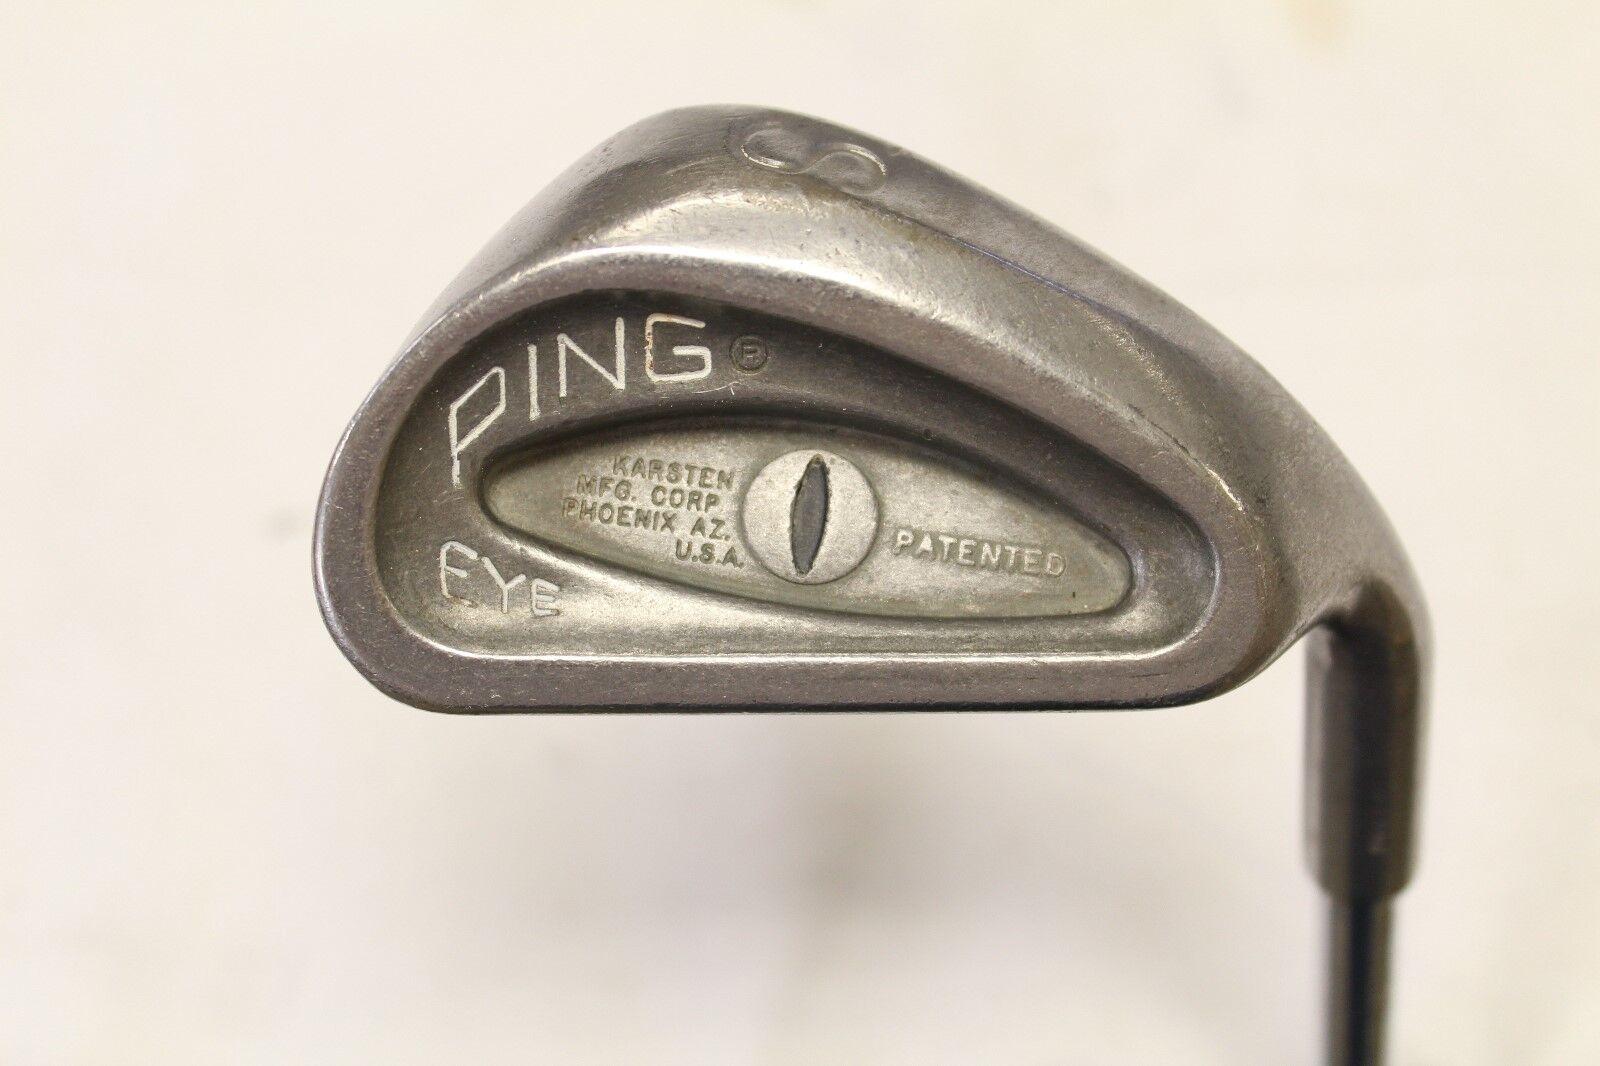 Utiliza la mano derecha Ping Eye (punto Negro)  Arena S Cuña Ping ZZ Lite Flex Acero rígido (s) S  el mejor servicio post-venta